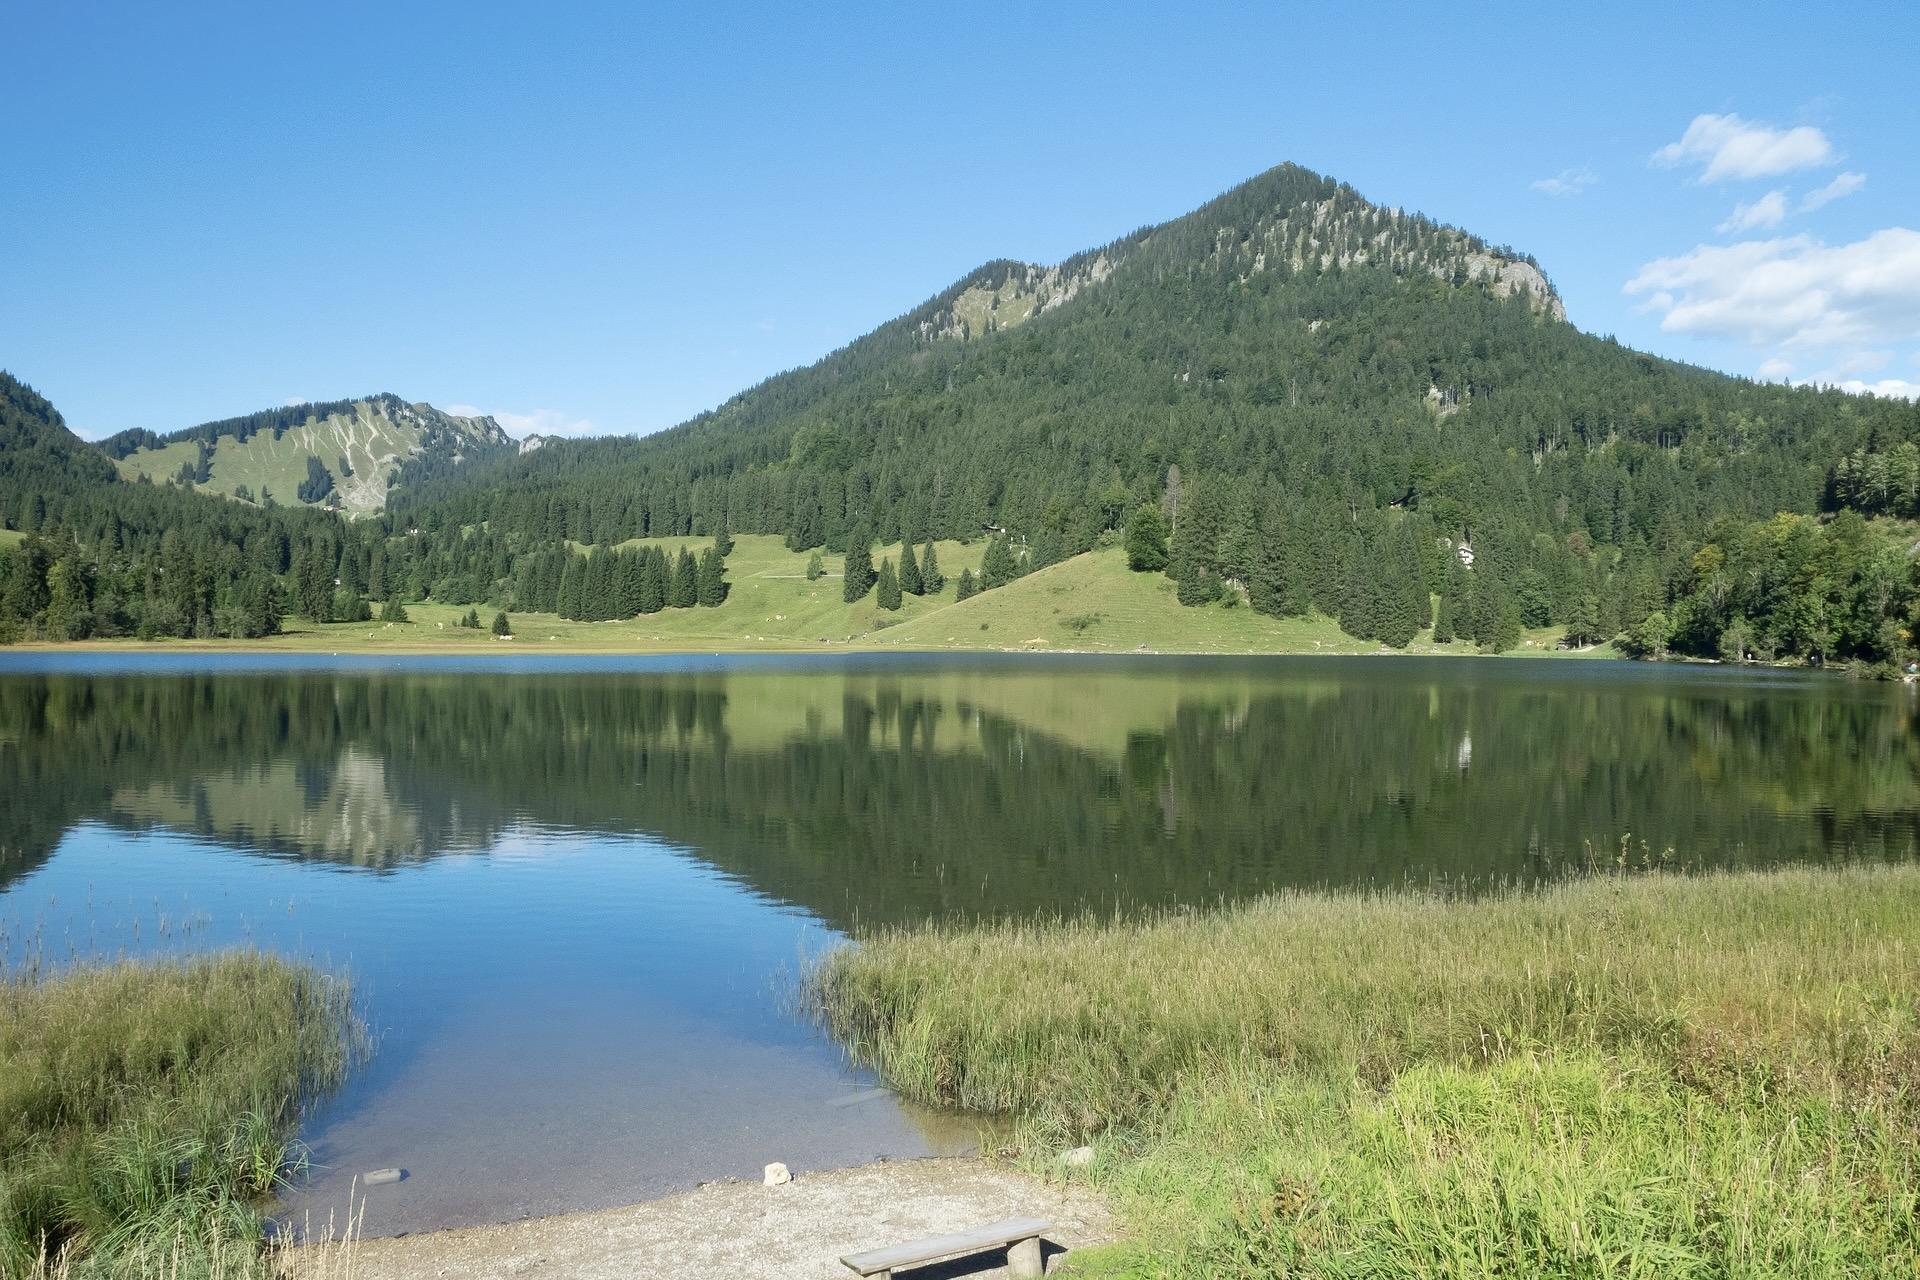 Der Spitzingsee ist ein Bergsee in den Alpen im Süden Bayerns